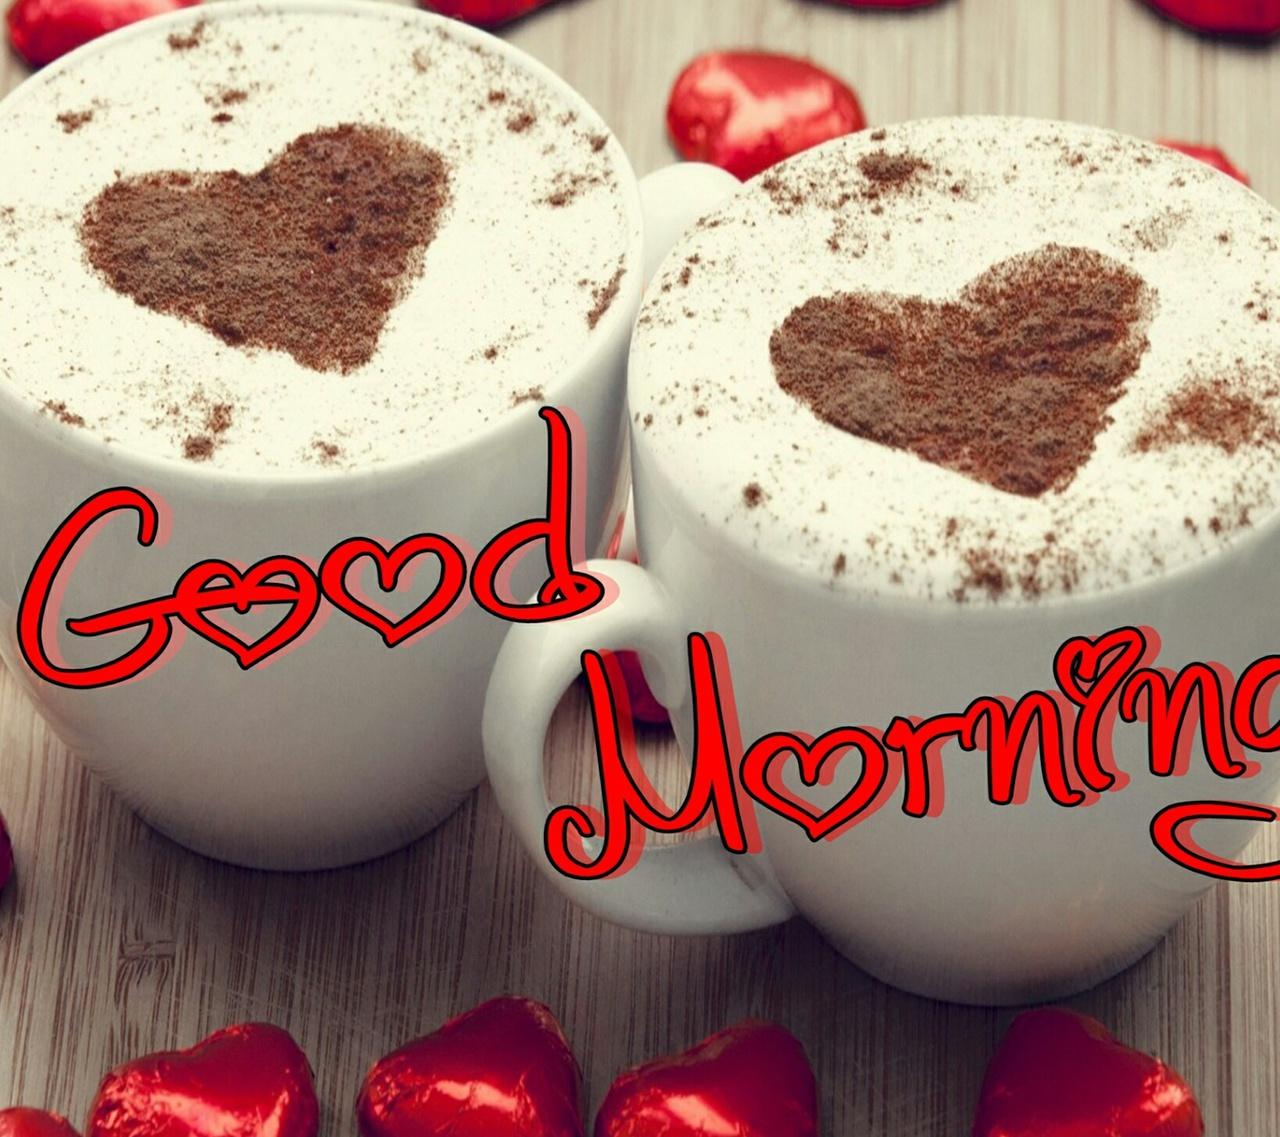 Красивые картинки с добрым утром на английском